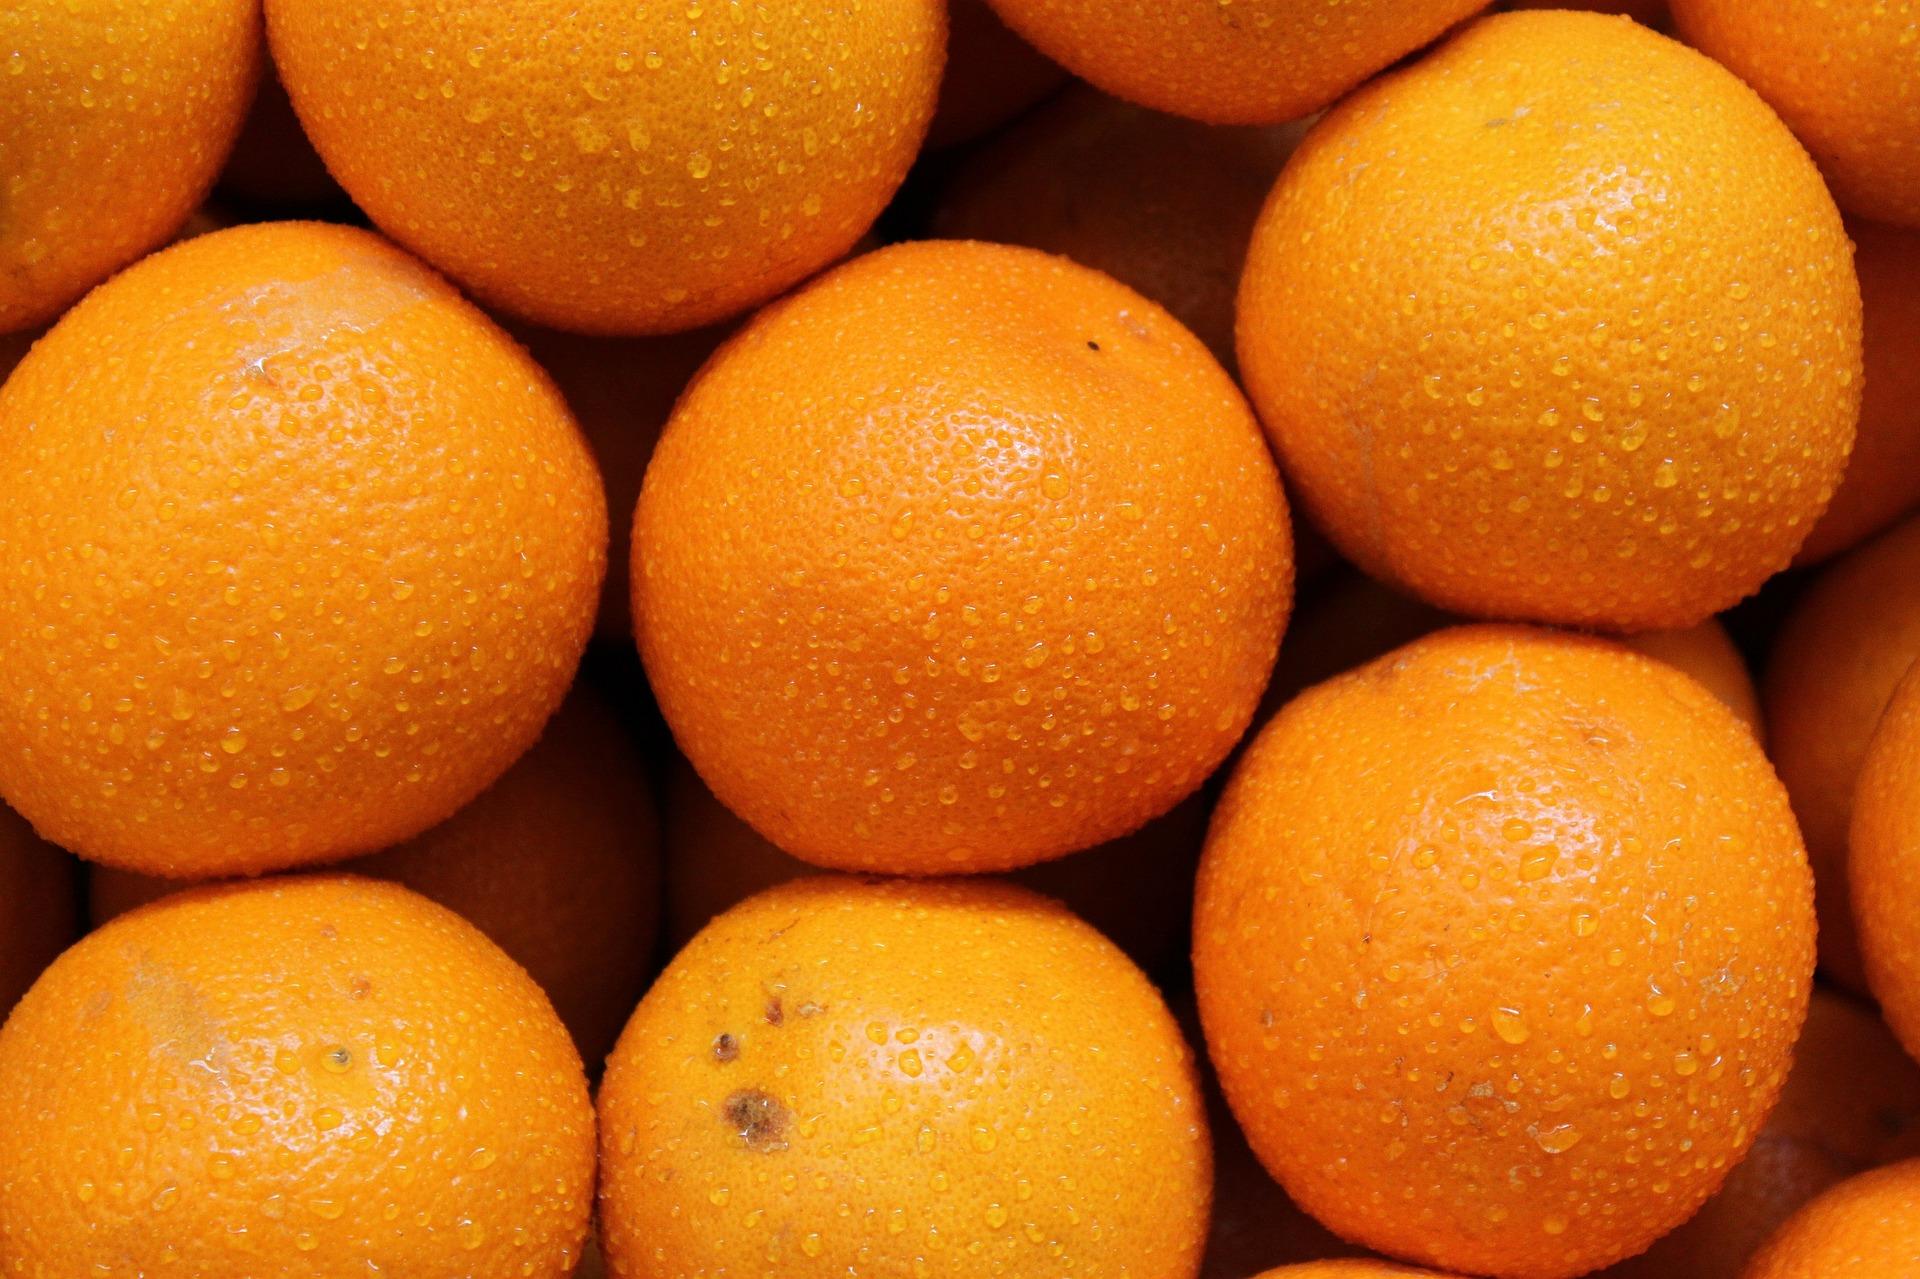 oranges-2346493_1920